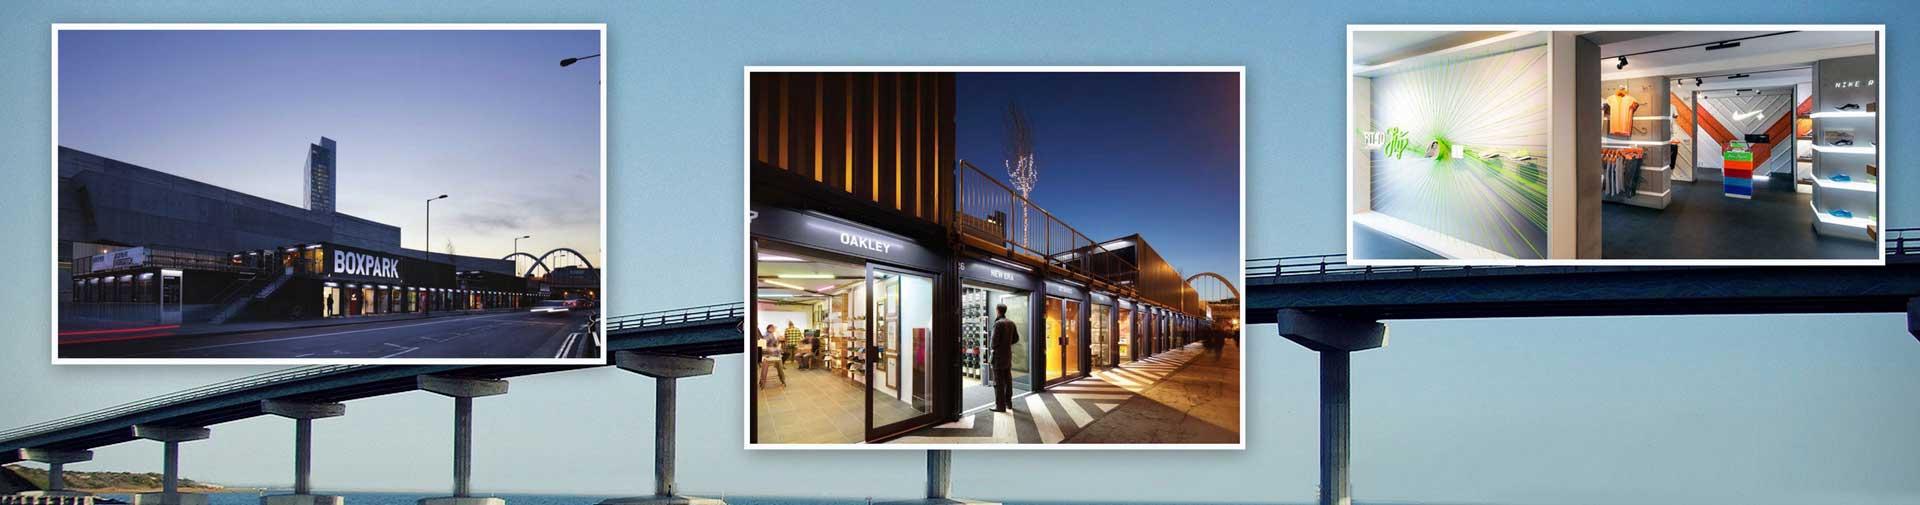 偏门吧购物中心: BOXPARK shoreditch 盒子公园